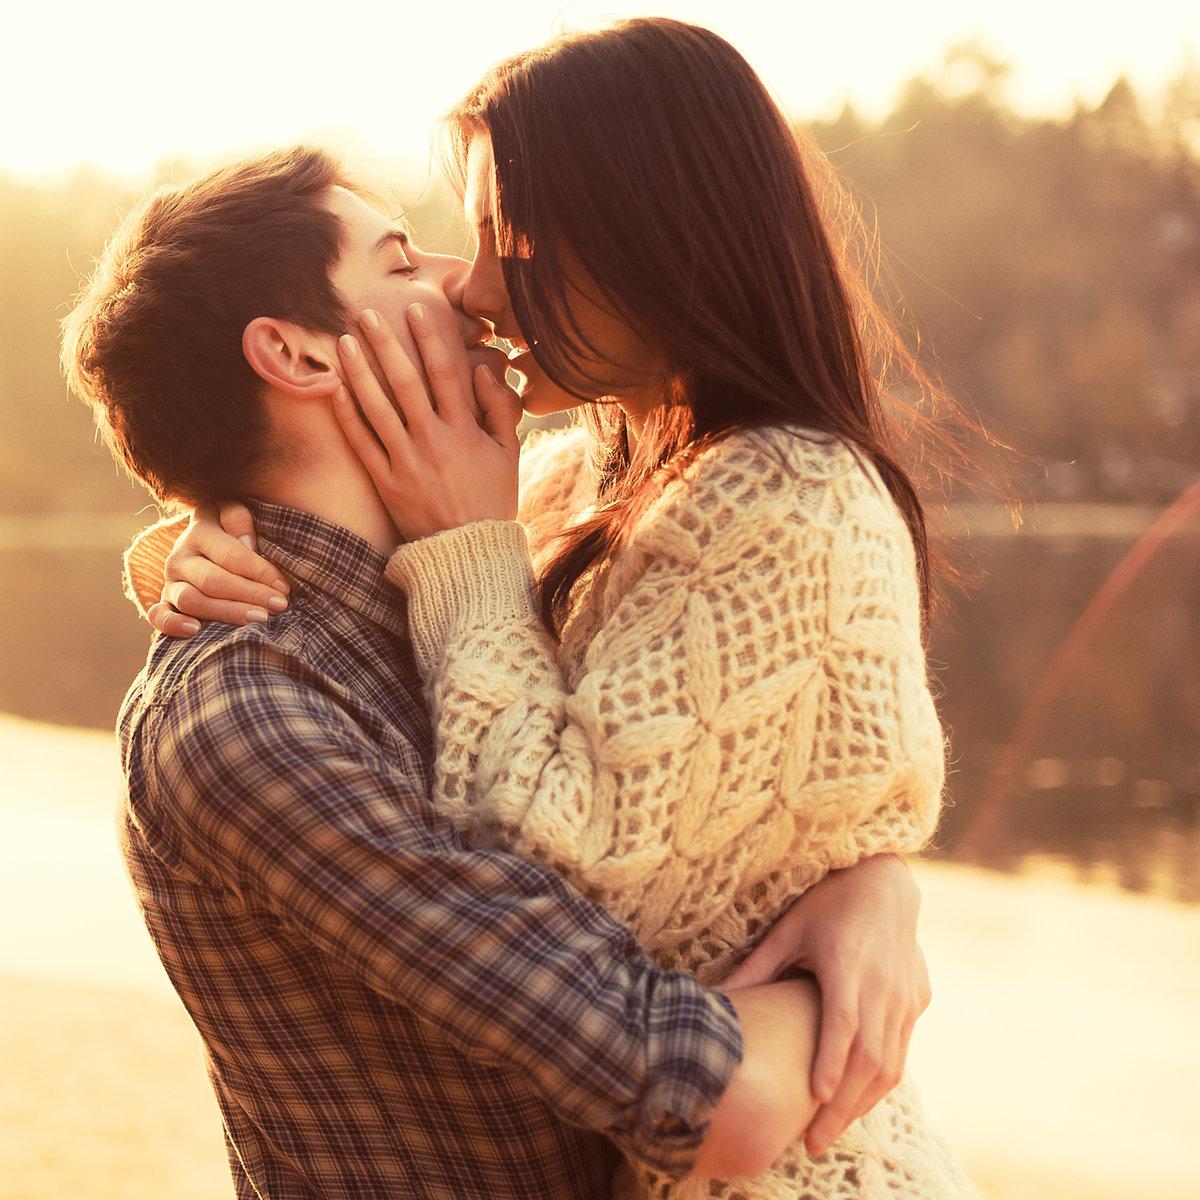 Для, крутые картинки про любовь